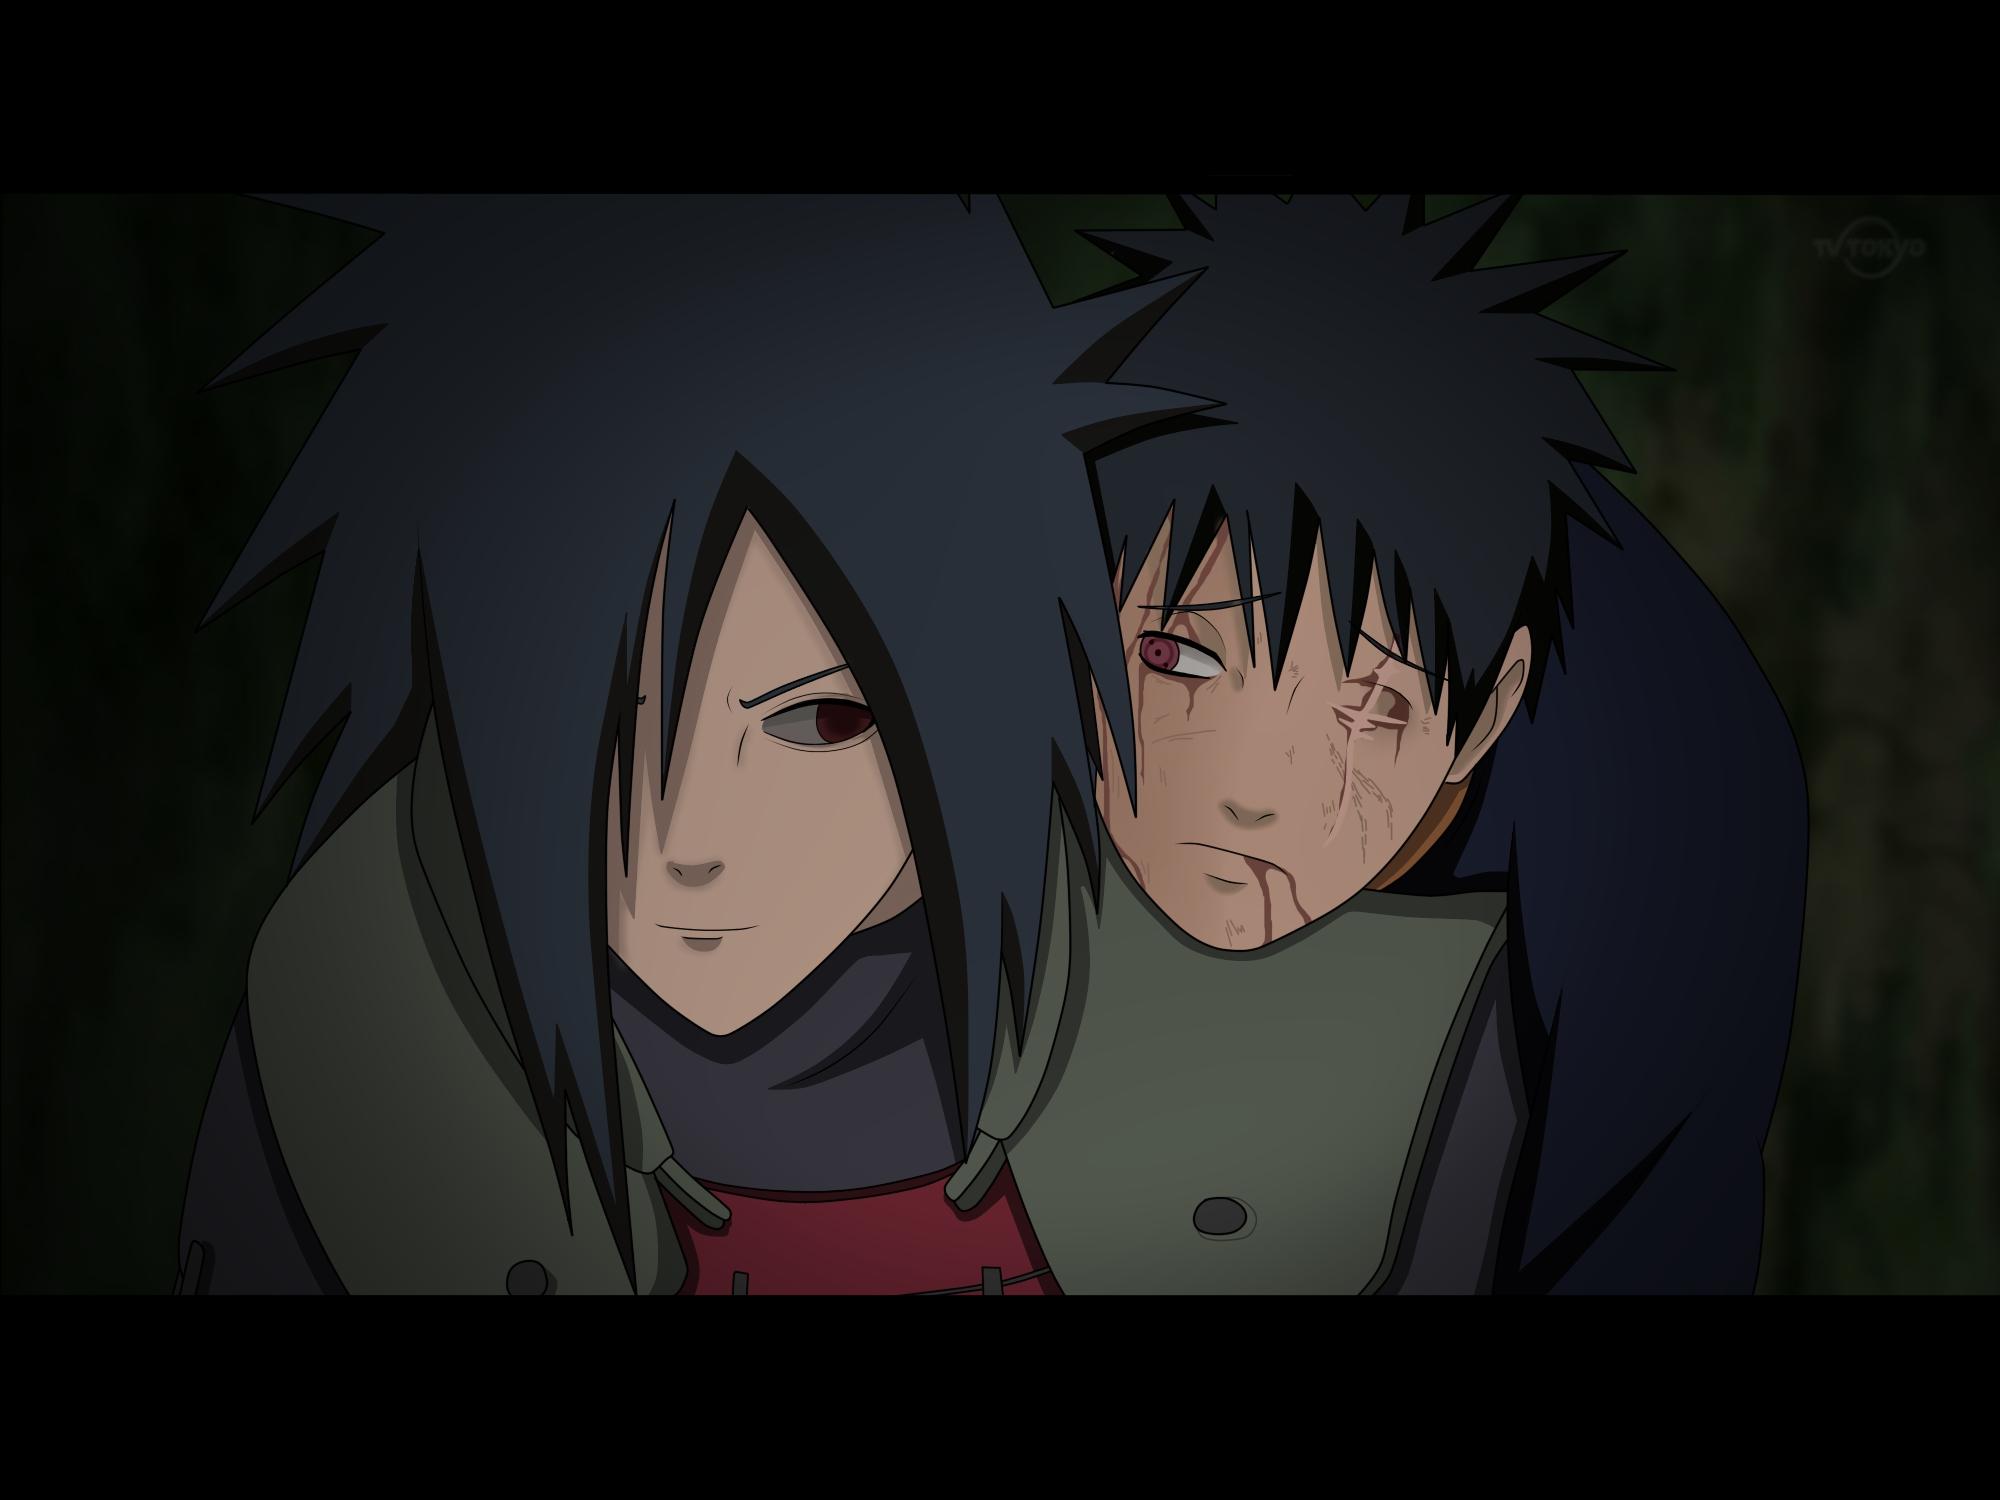 NARUTO/#1246979 - Zerochan Naruto Madara Sharingan